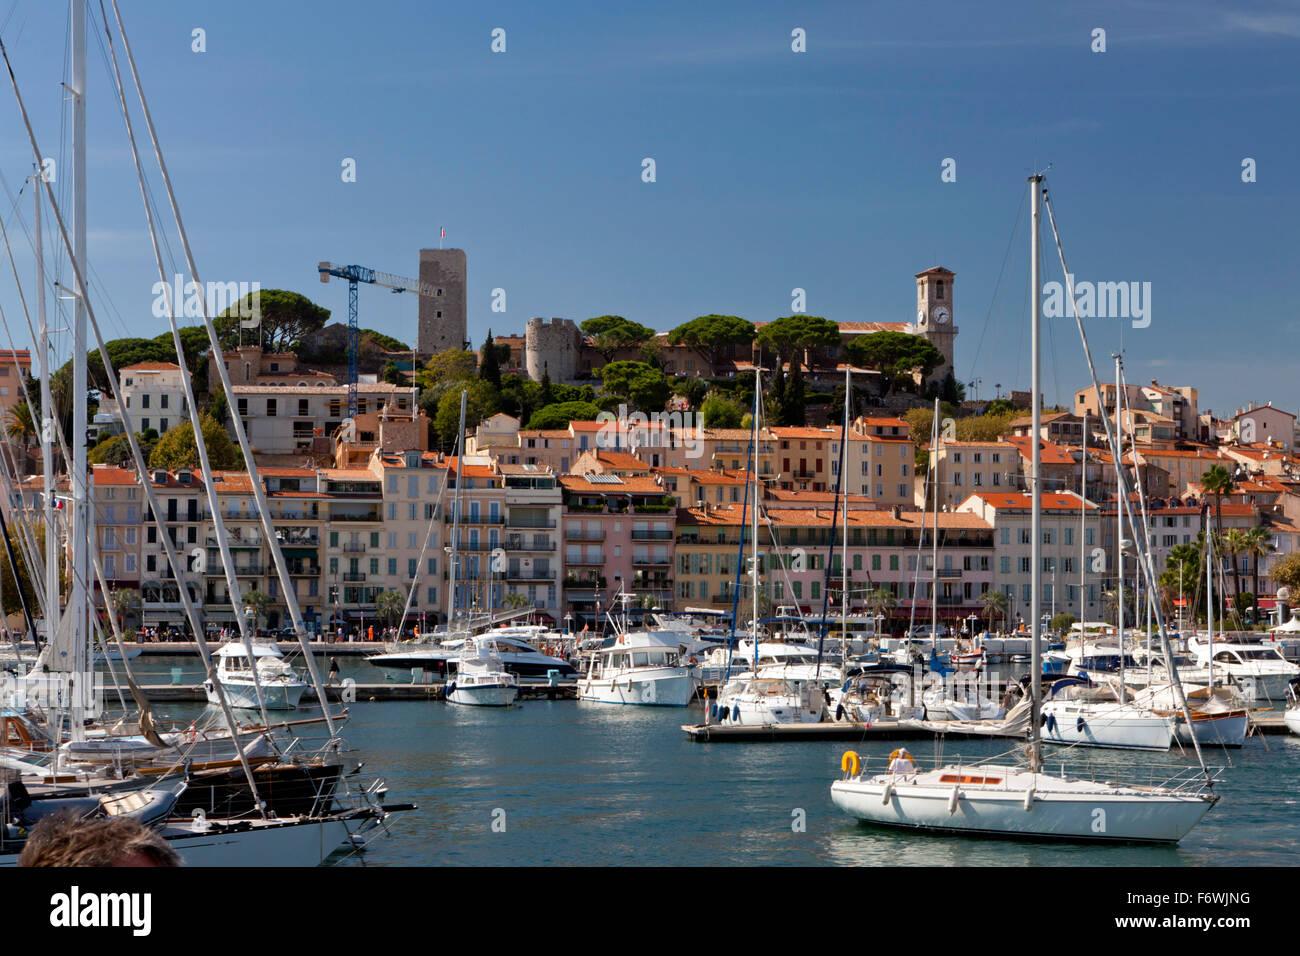 Hotel Cannes Vieux Port